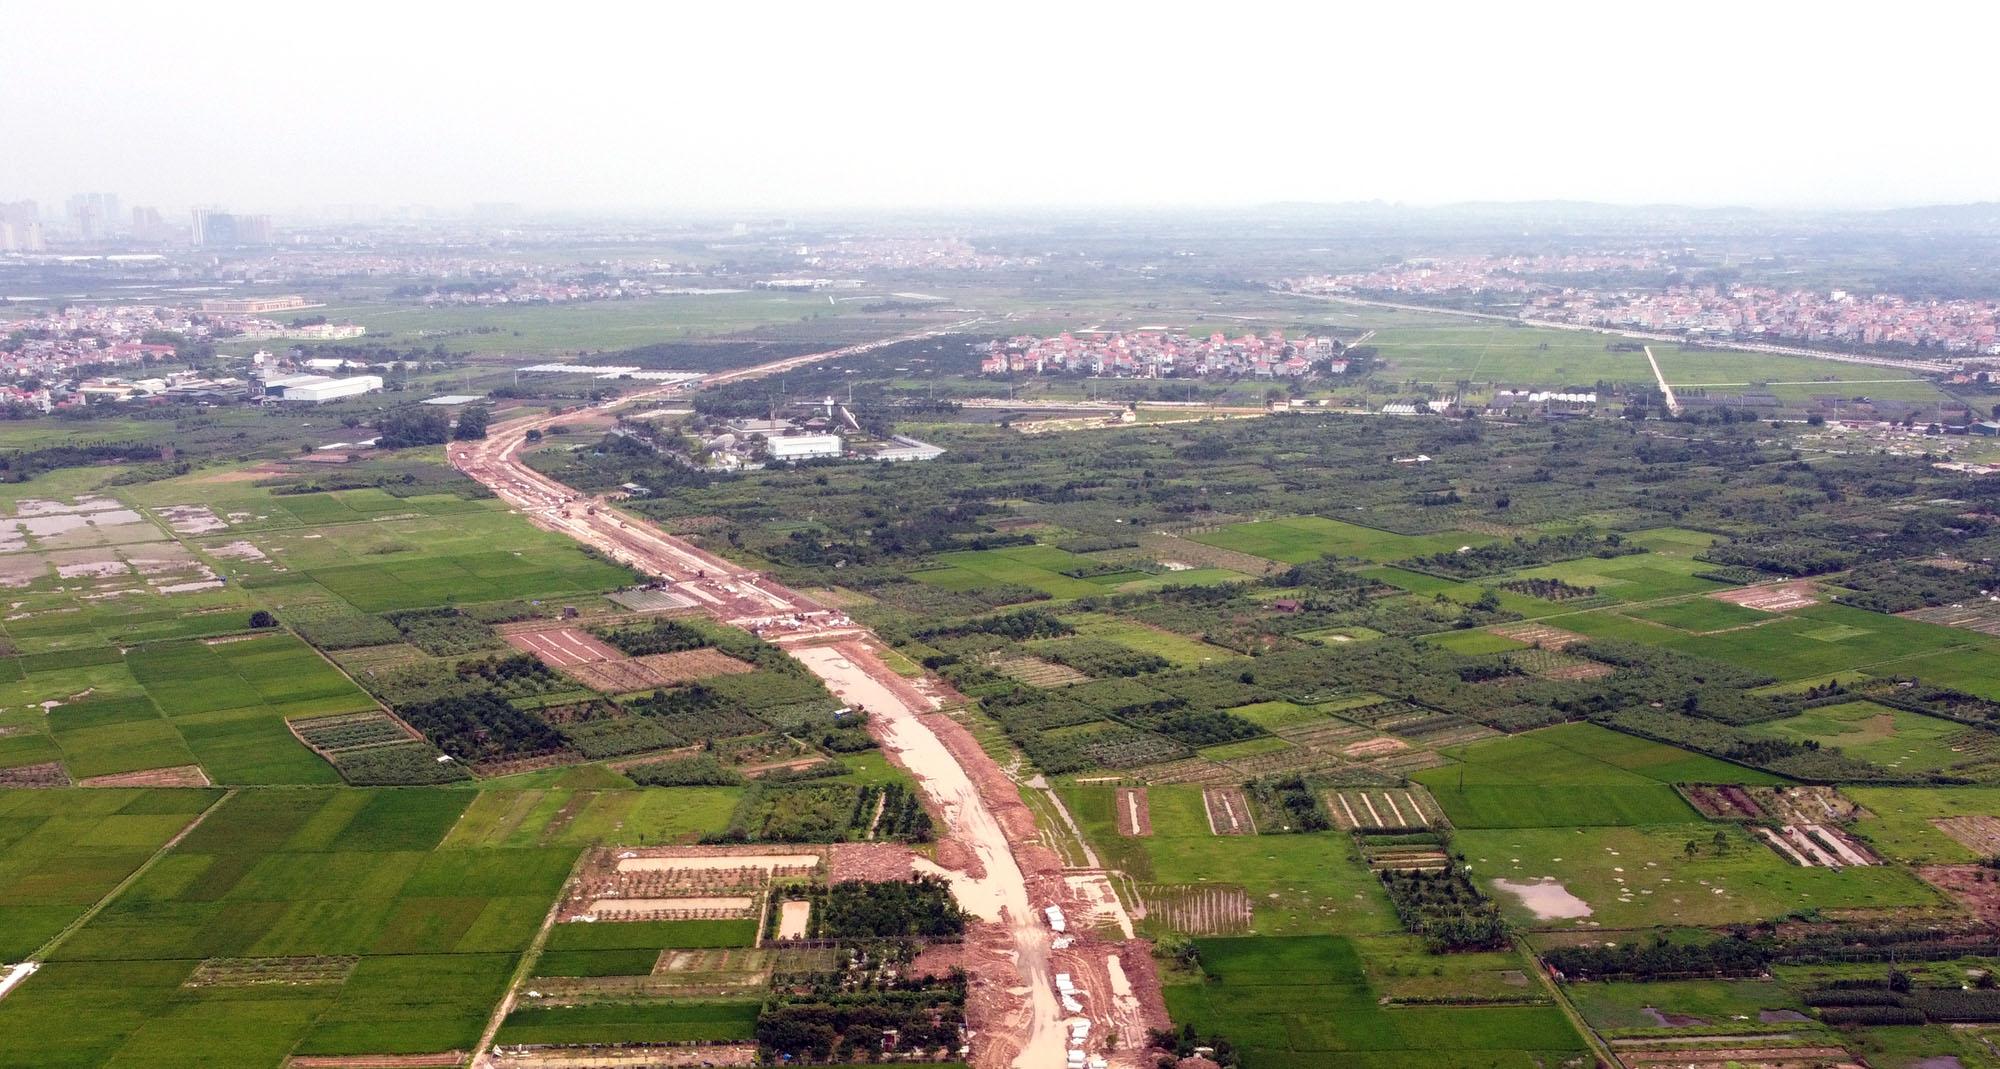 Phê duyệt chỉ giới đường đỏ tuyến đường tỉnh 414 rộng 35 m ở thị xã Sơn Tây - Ảnh 1.